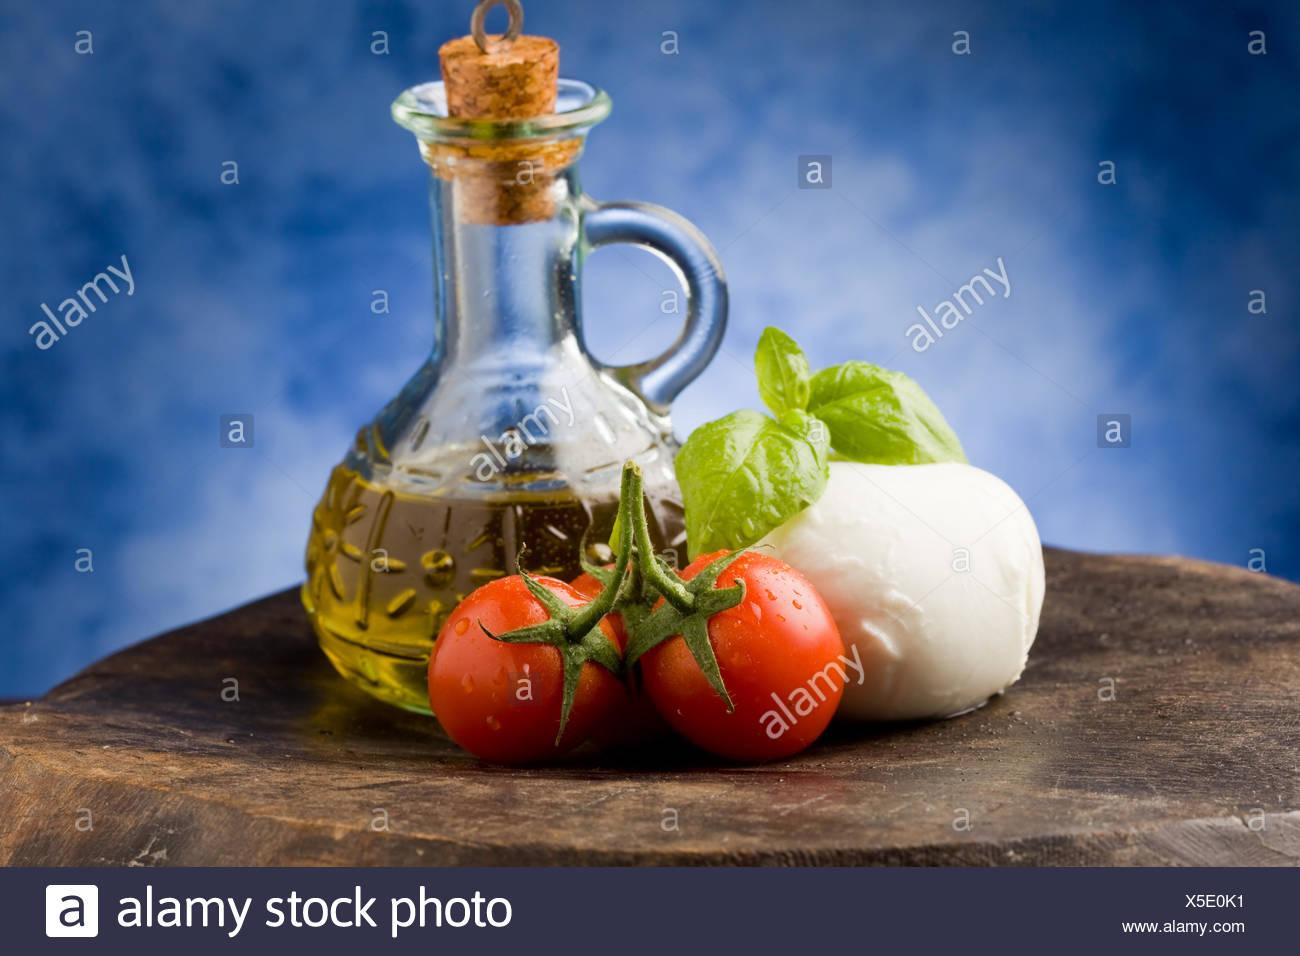 Tomato Mozzarella - Stock Image